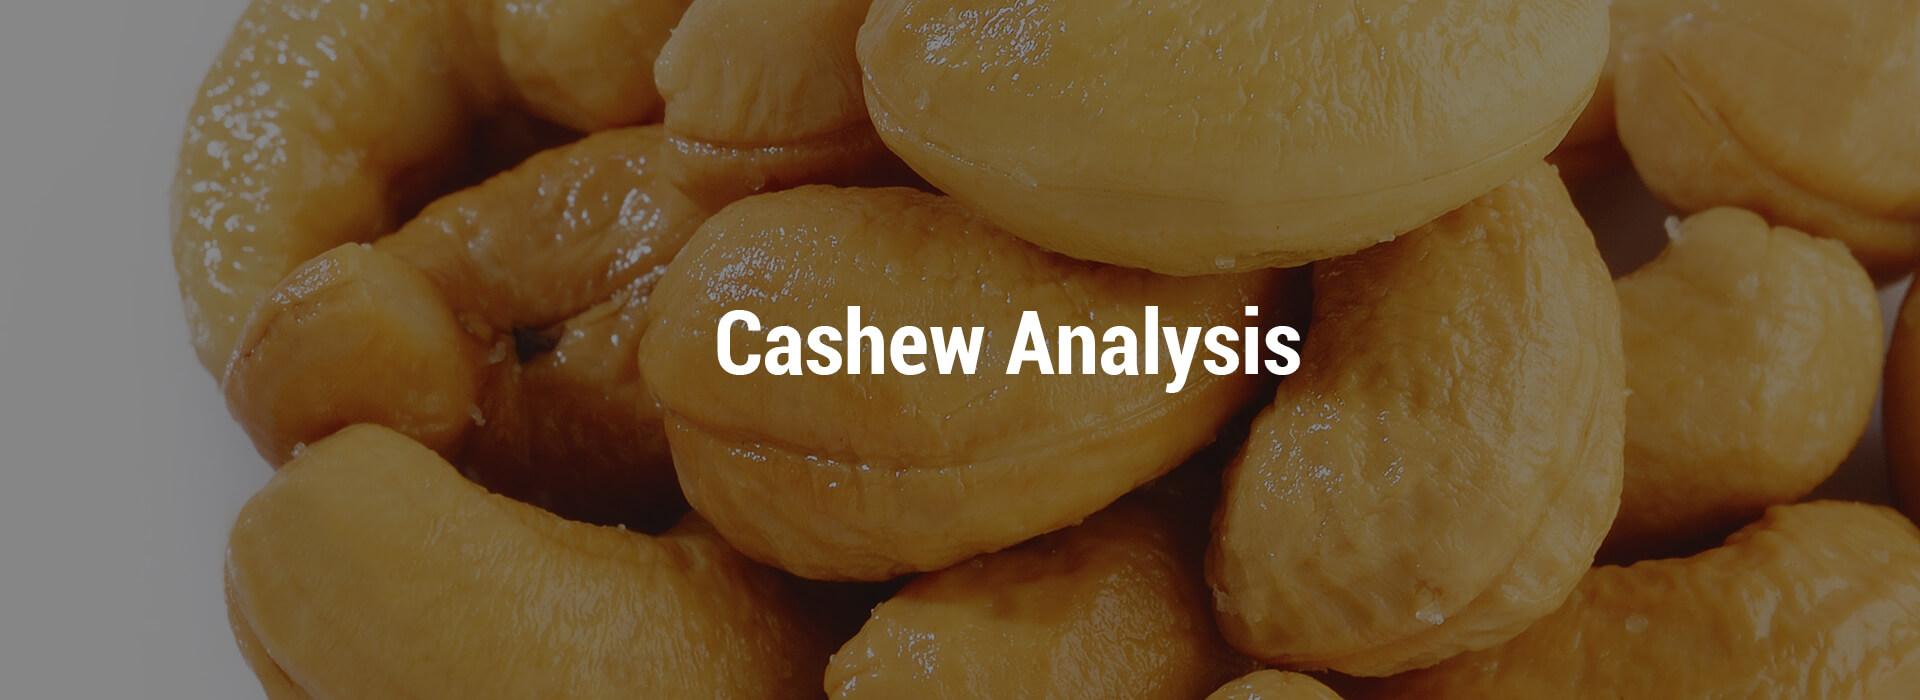 HS-cashew-header-1